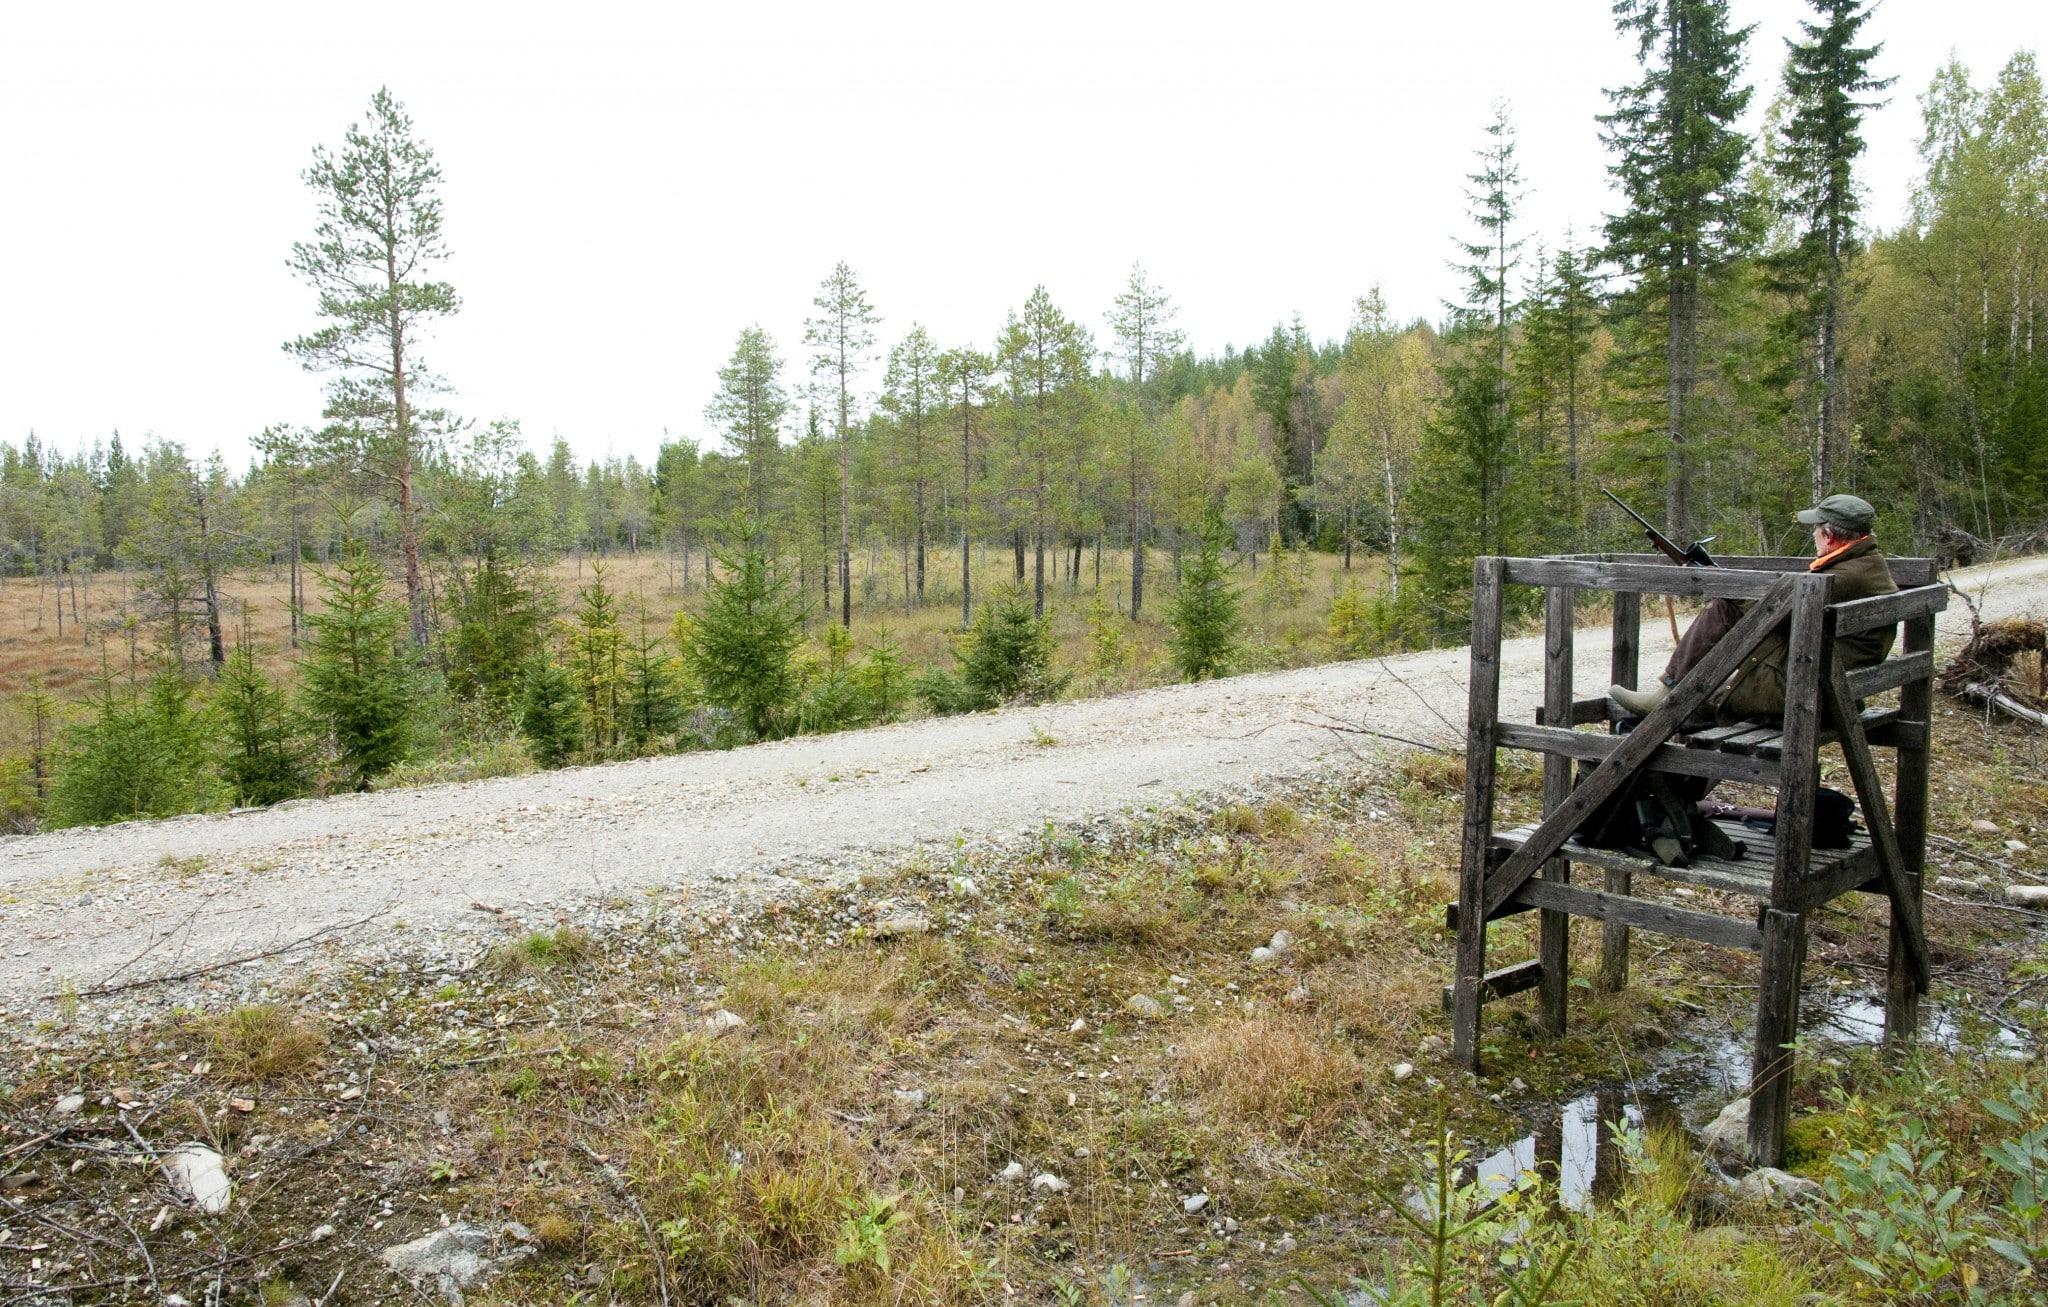 Att sitta på ett älgpass är inte jakt, anser debattören som förordar jakten med löshund. Foto: Jan Henricson